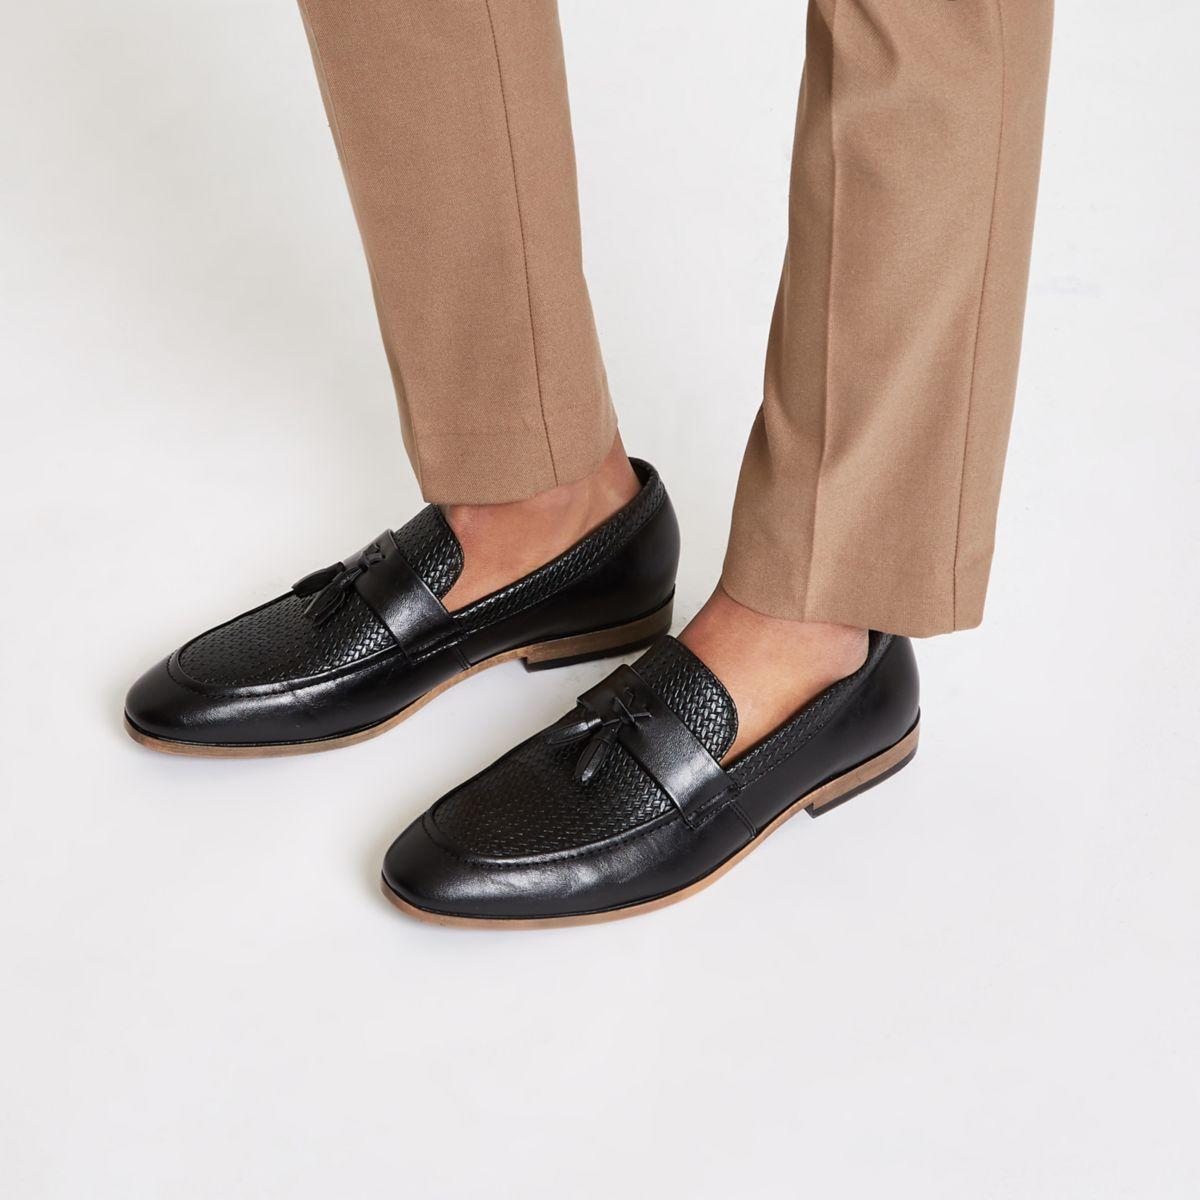 Black tassel woven loafers